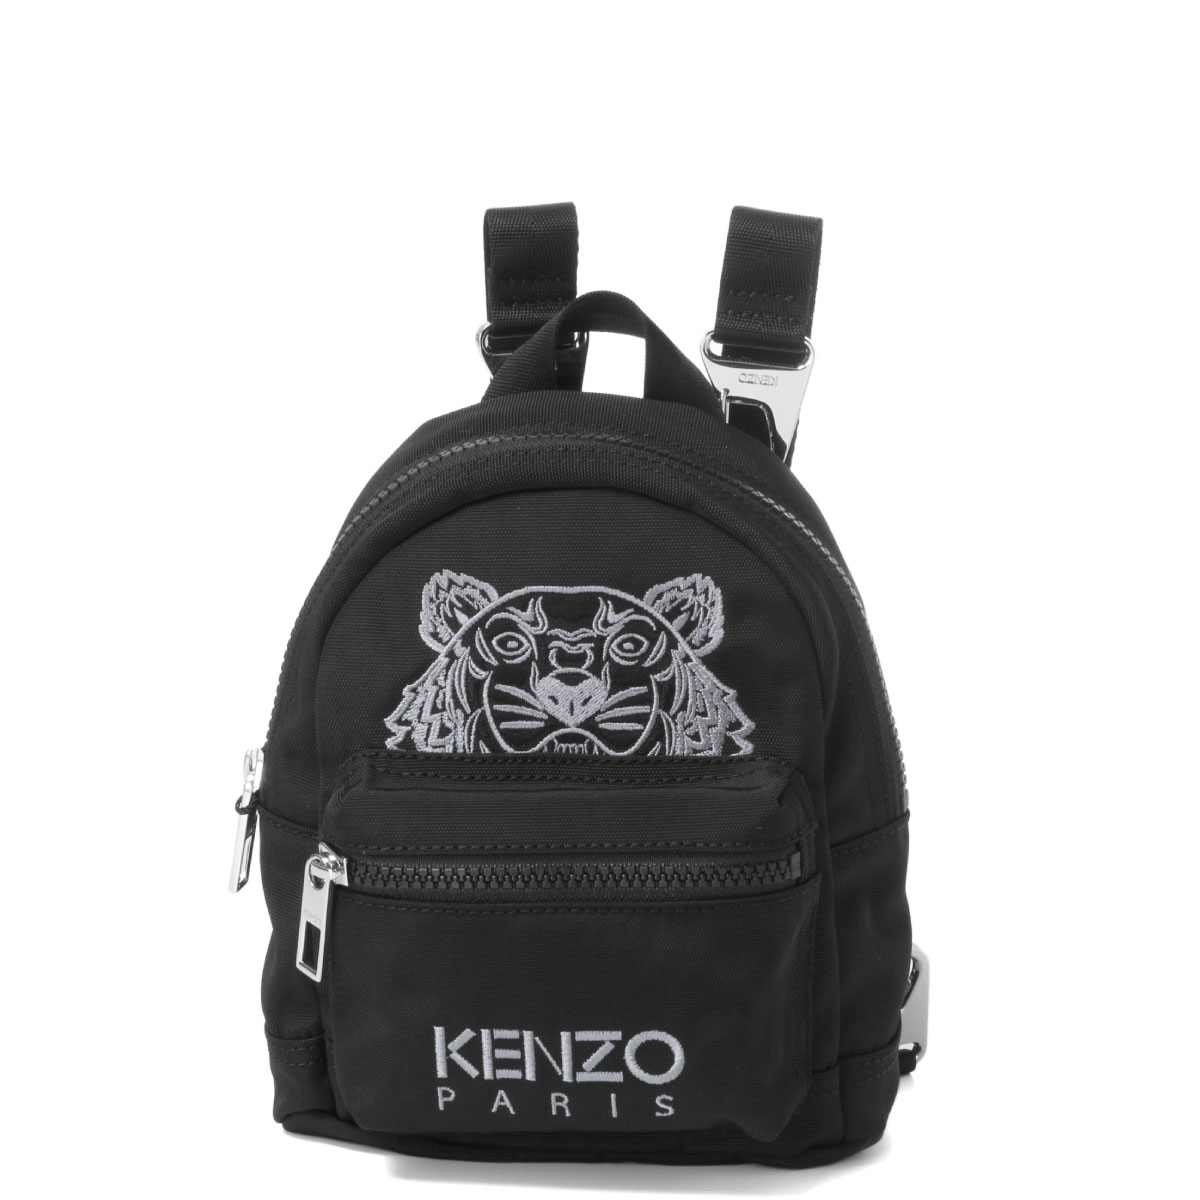 ケンゾー KENZO バッグ レディース 5SF301F20 99 ショルダー付 バックパック ミニ BLACK ブラック